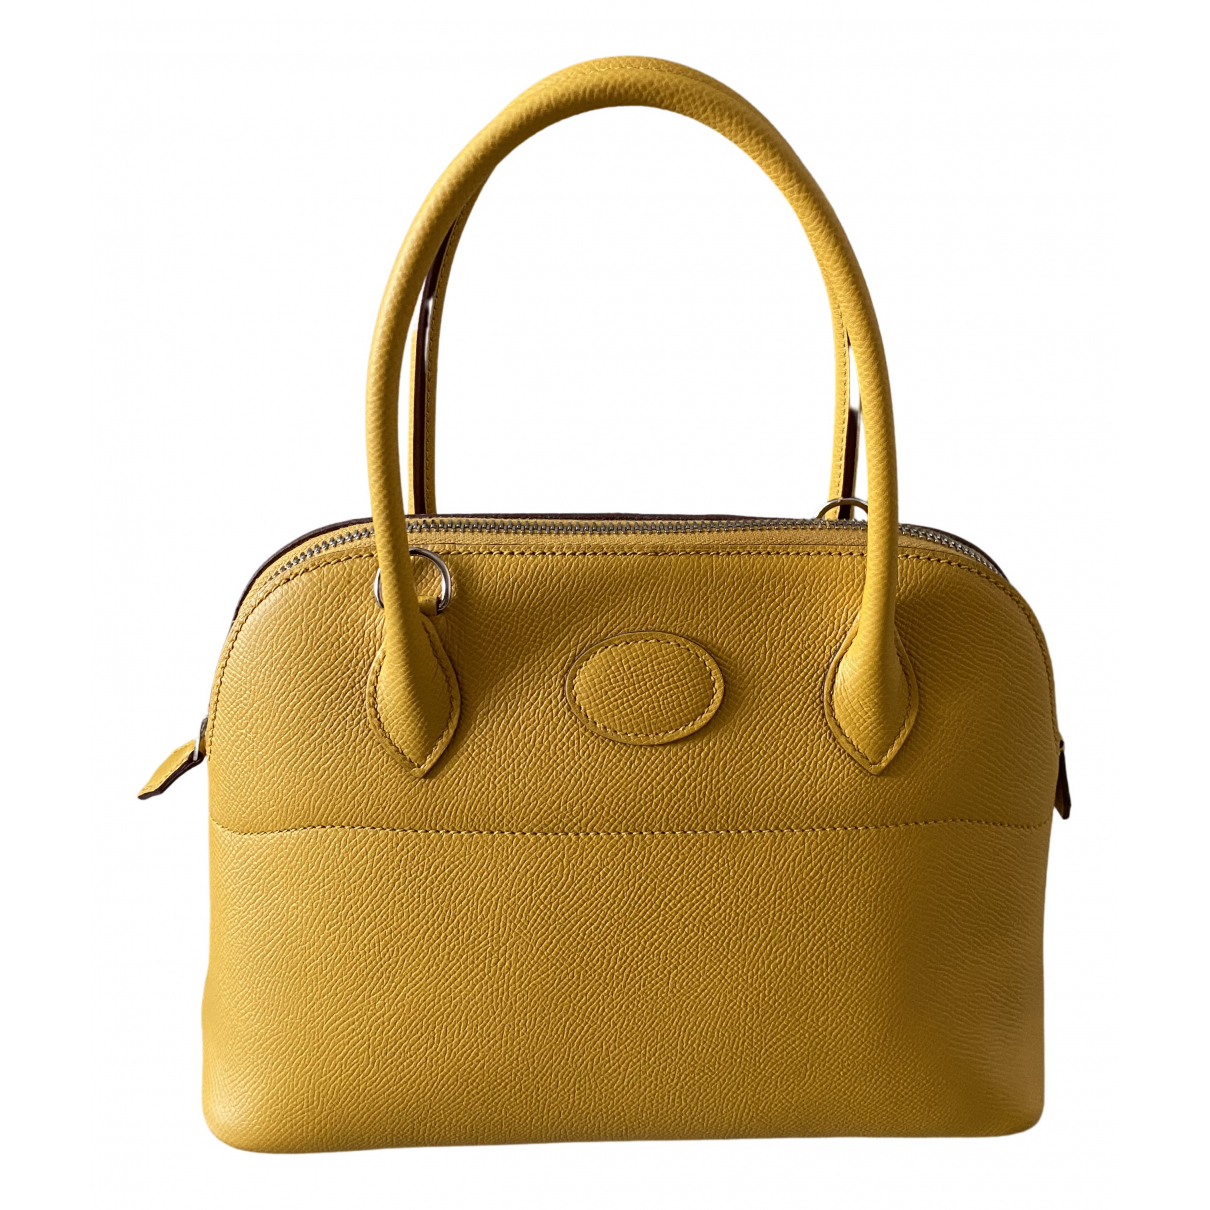 Hermes - Sac a main Bolide pour femme en cuir - jaune